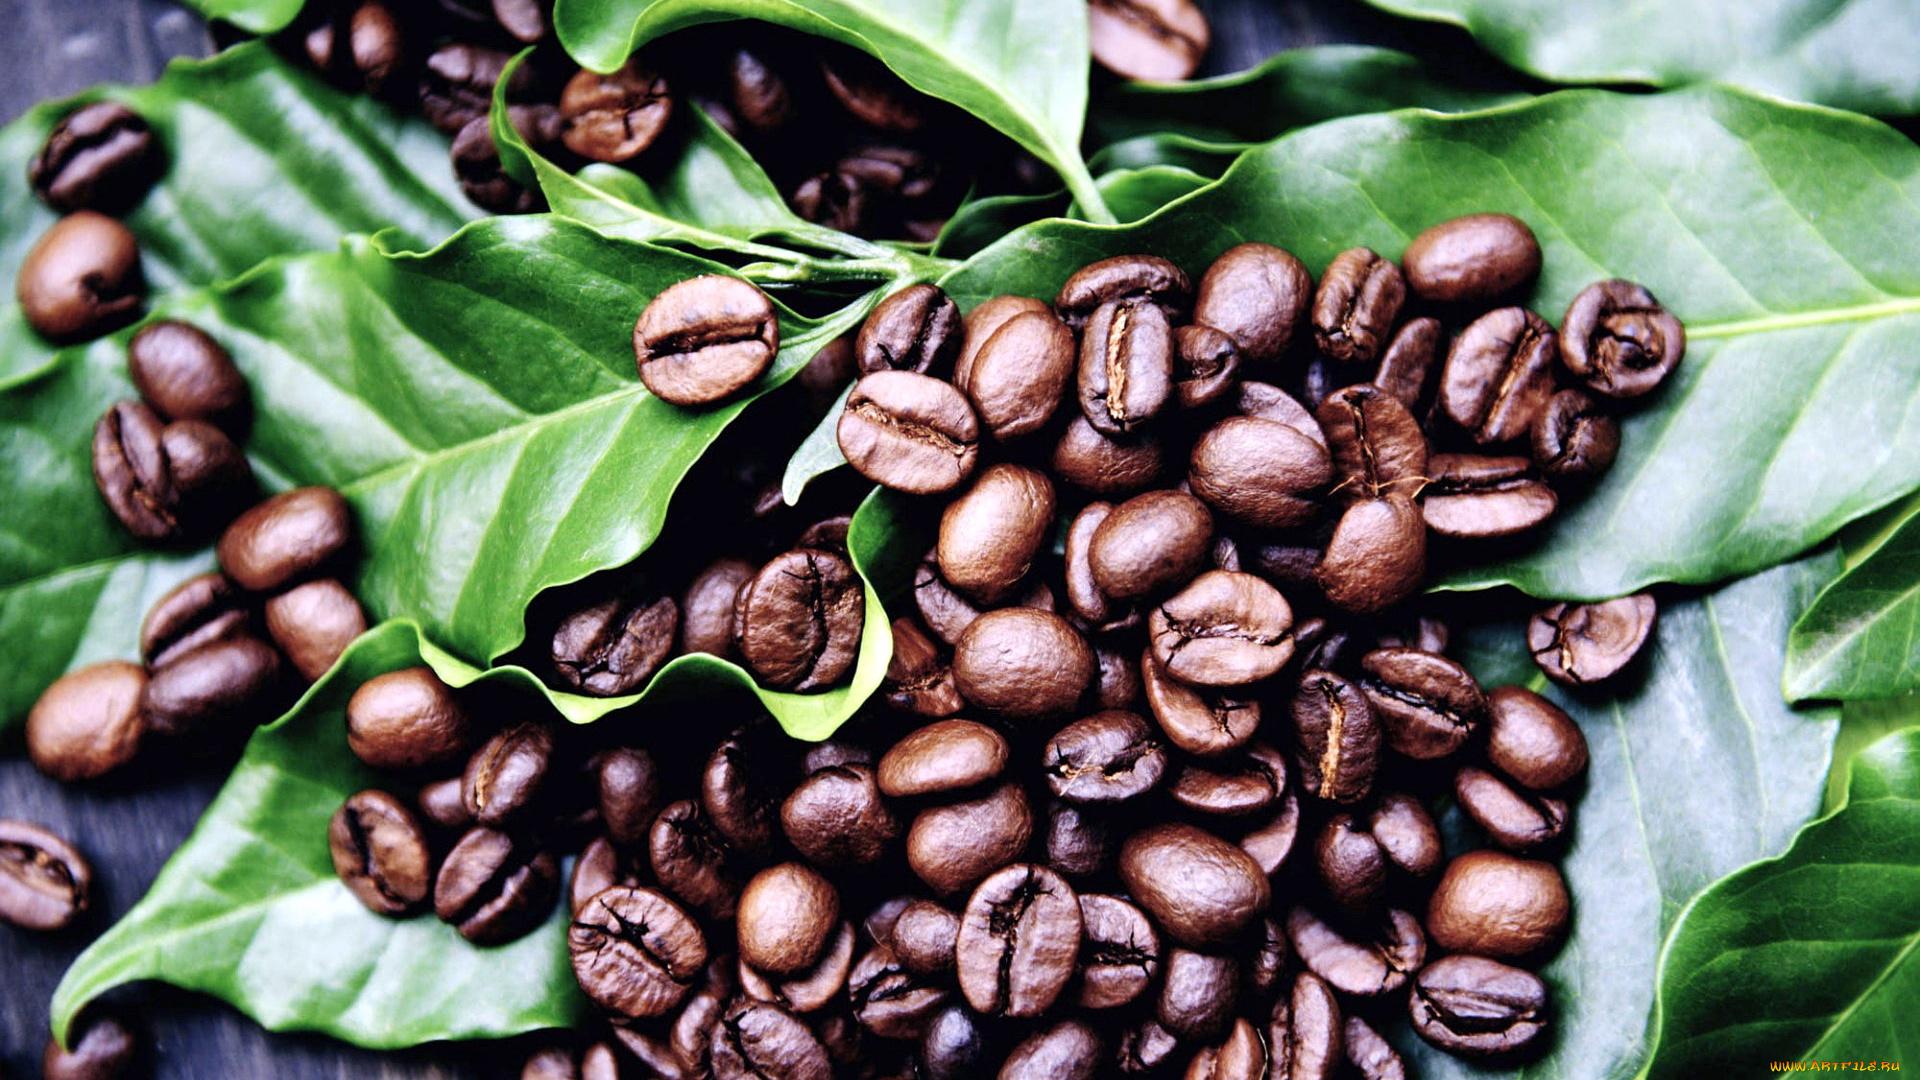 картинки с кофейными плантациями всем кто заглянул